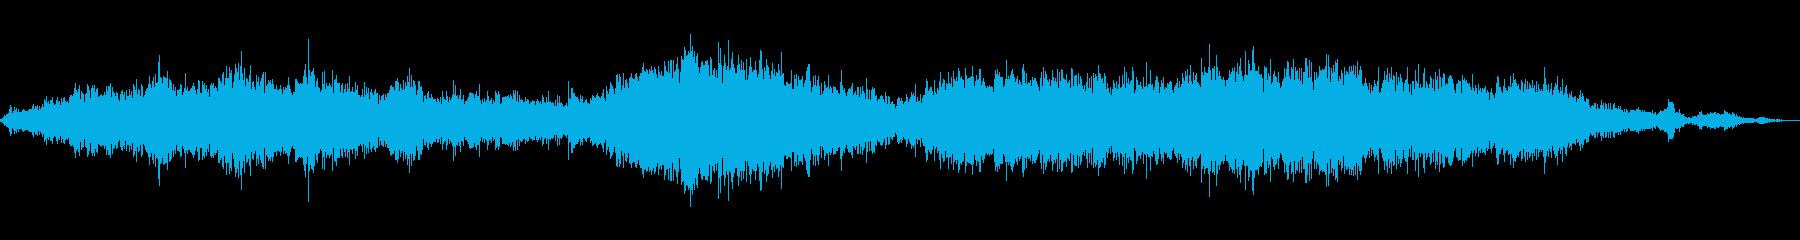 中規模のスタジオの視聴者:拍手と足...の再生済みの波形